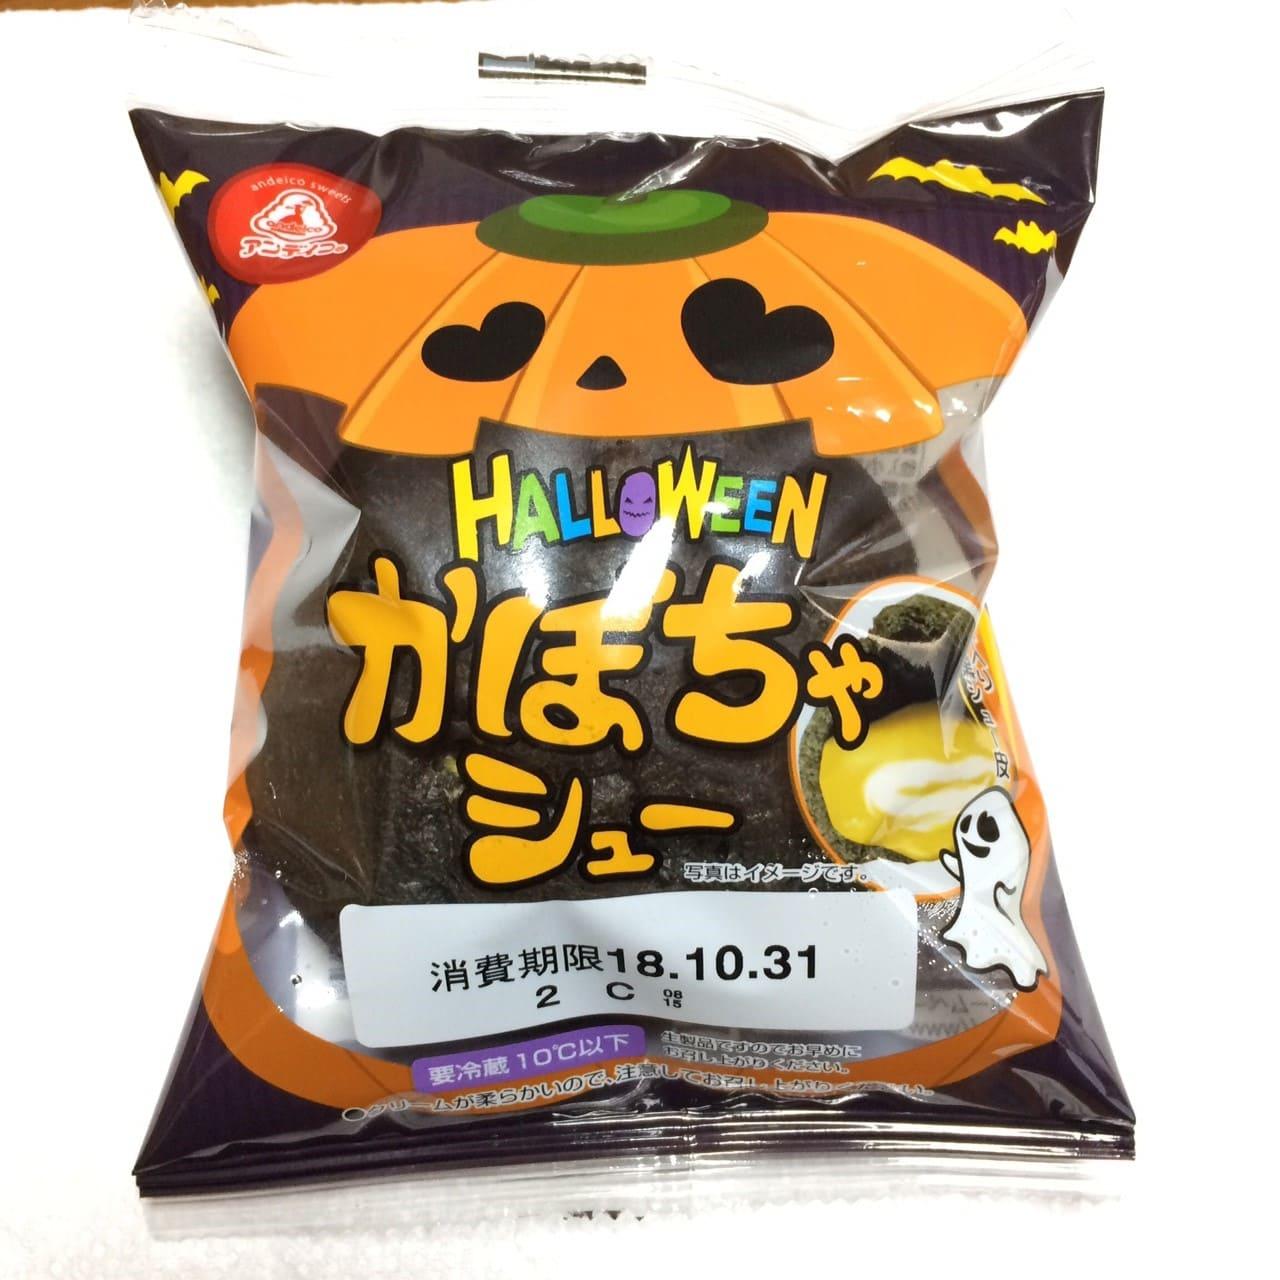 ハロウィンかぼちゃシュー